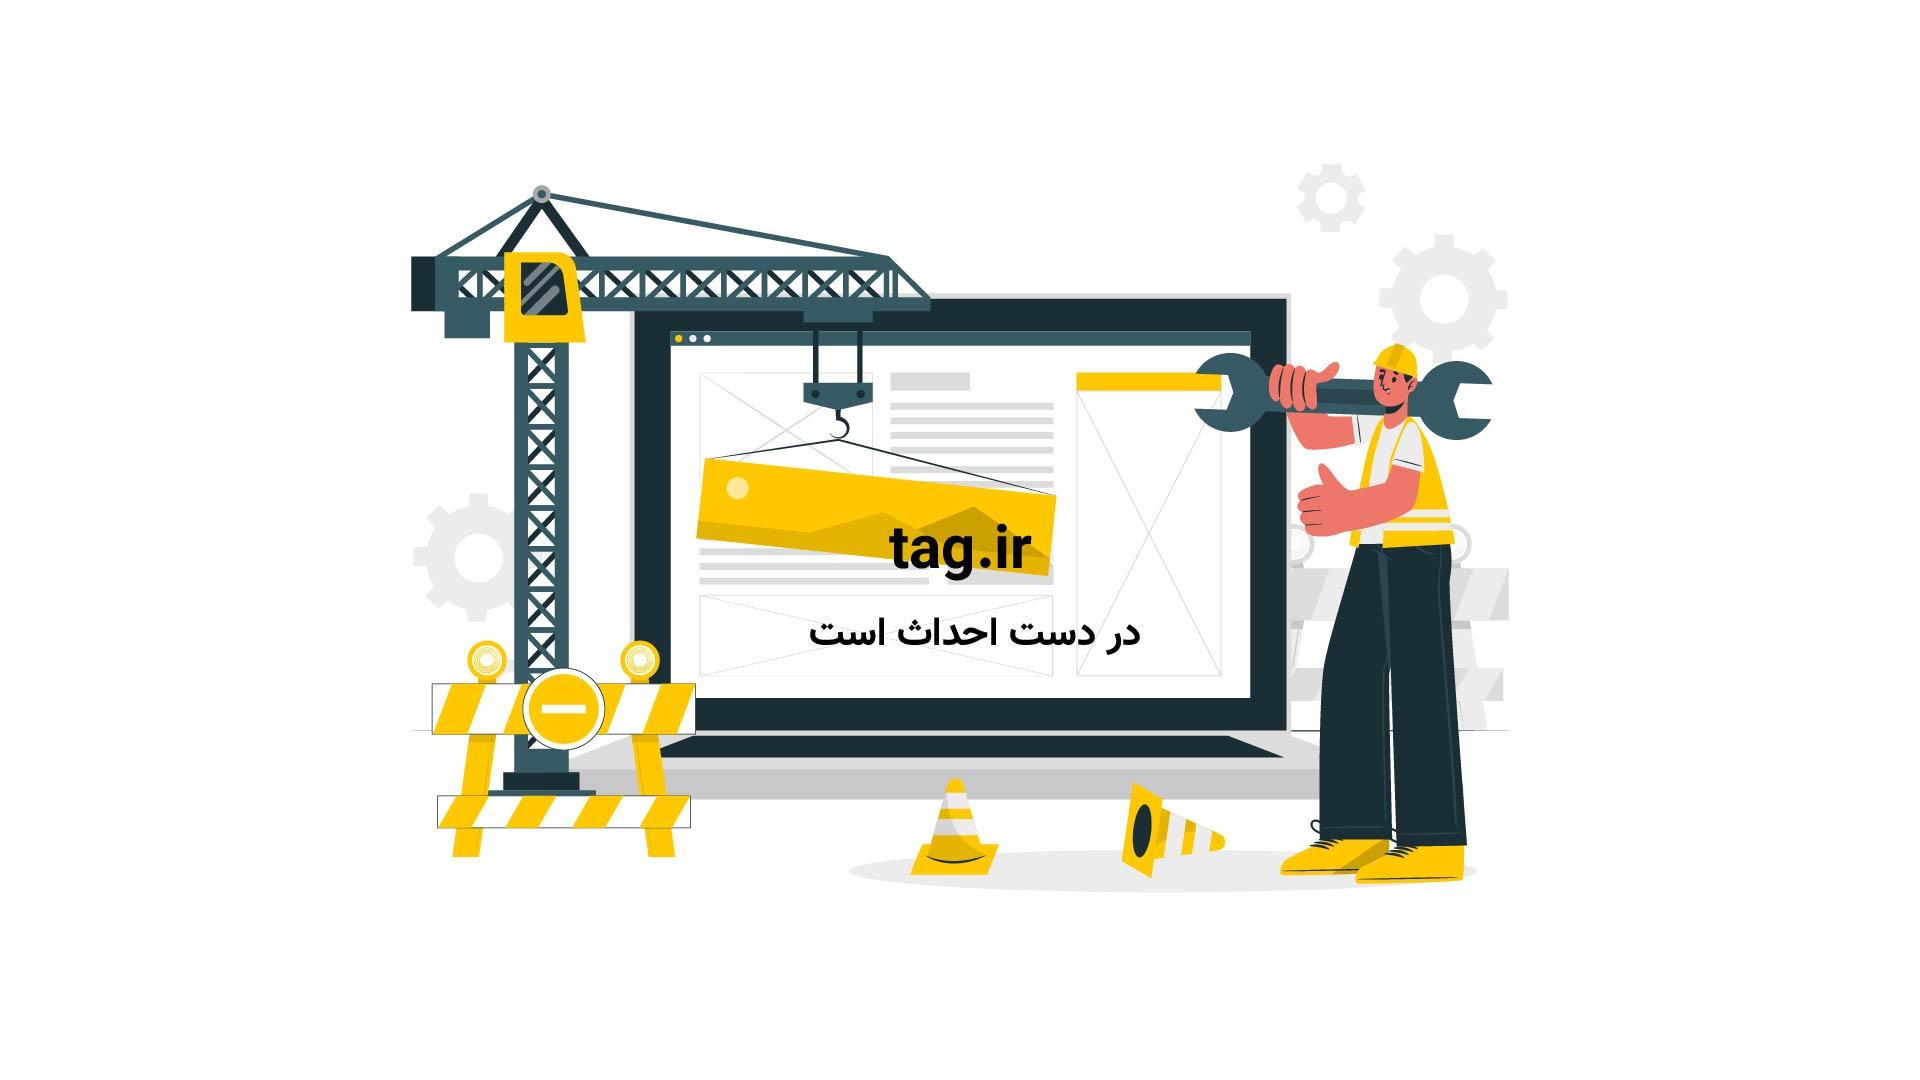 فیلم سخنان وزیر بهداشت درباره ممنوعیت پیوند اعضای ایرانیها به شهروندان غیر ایرانی